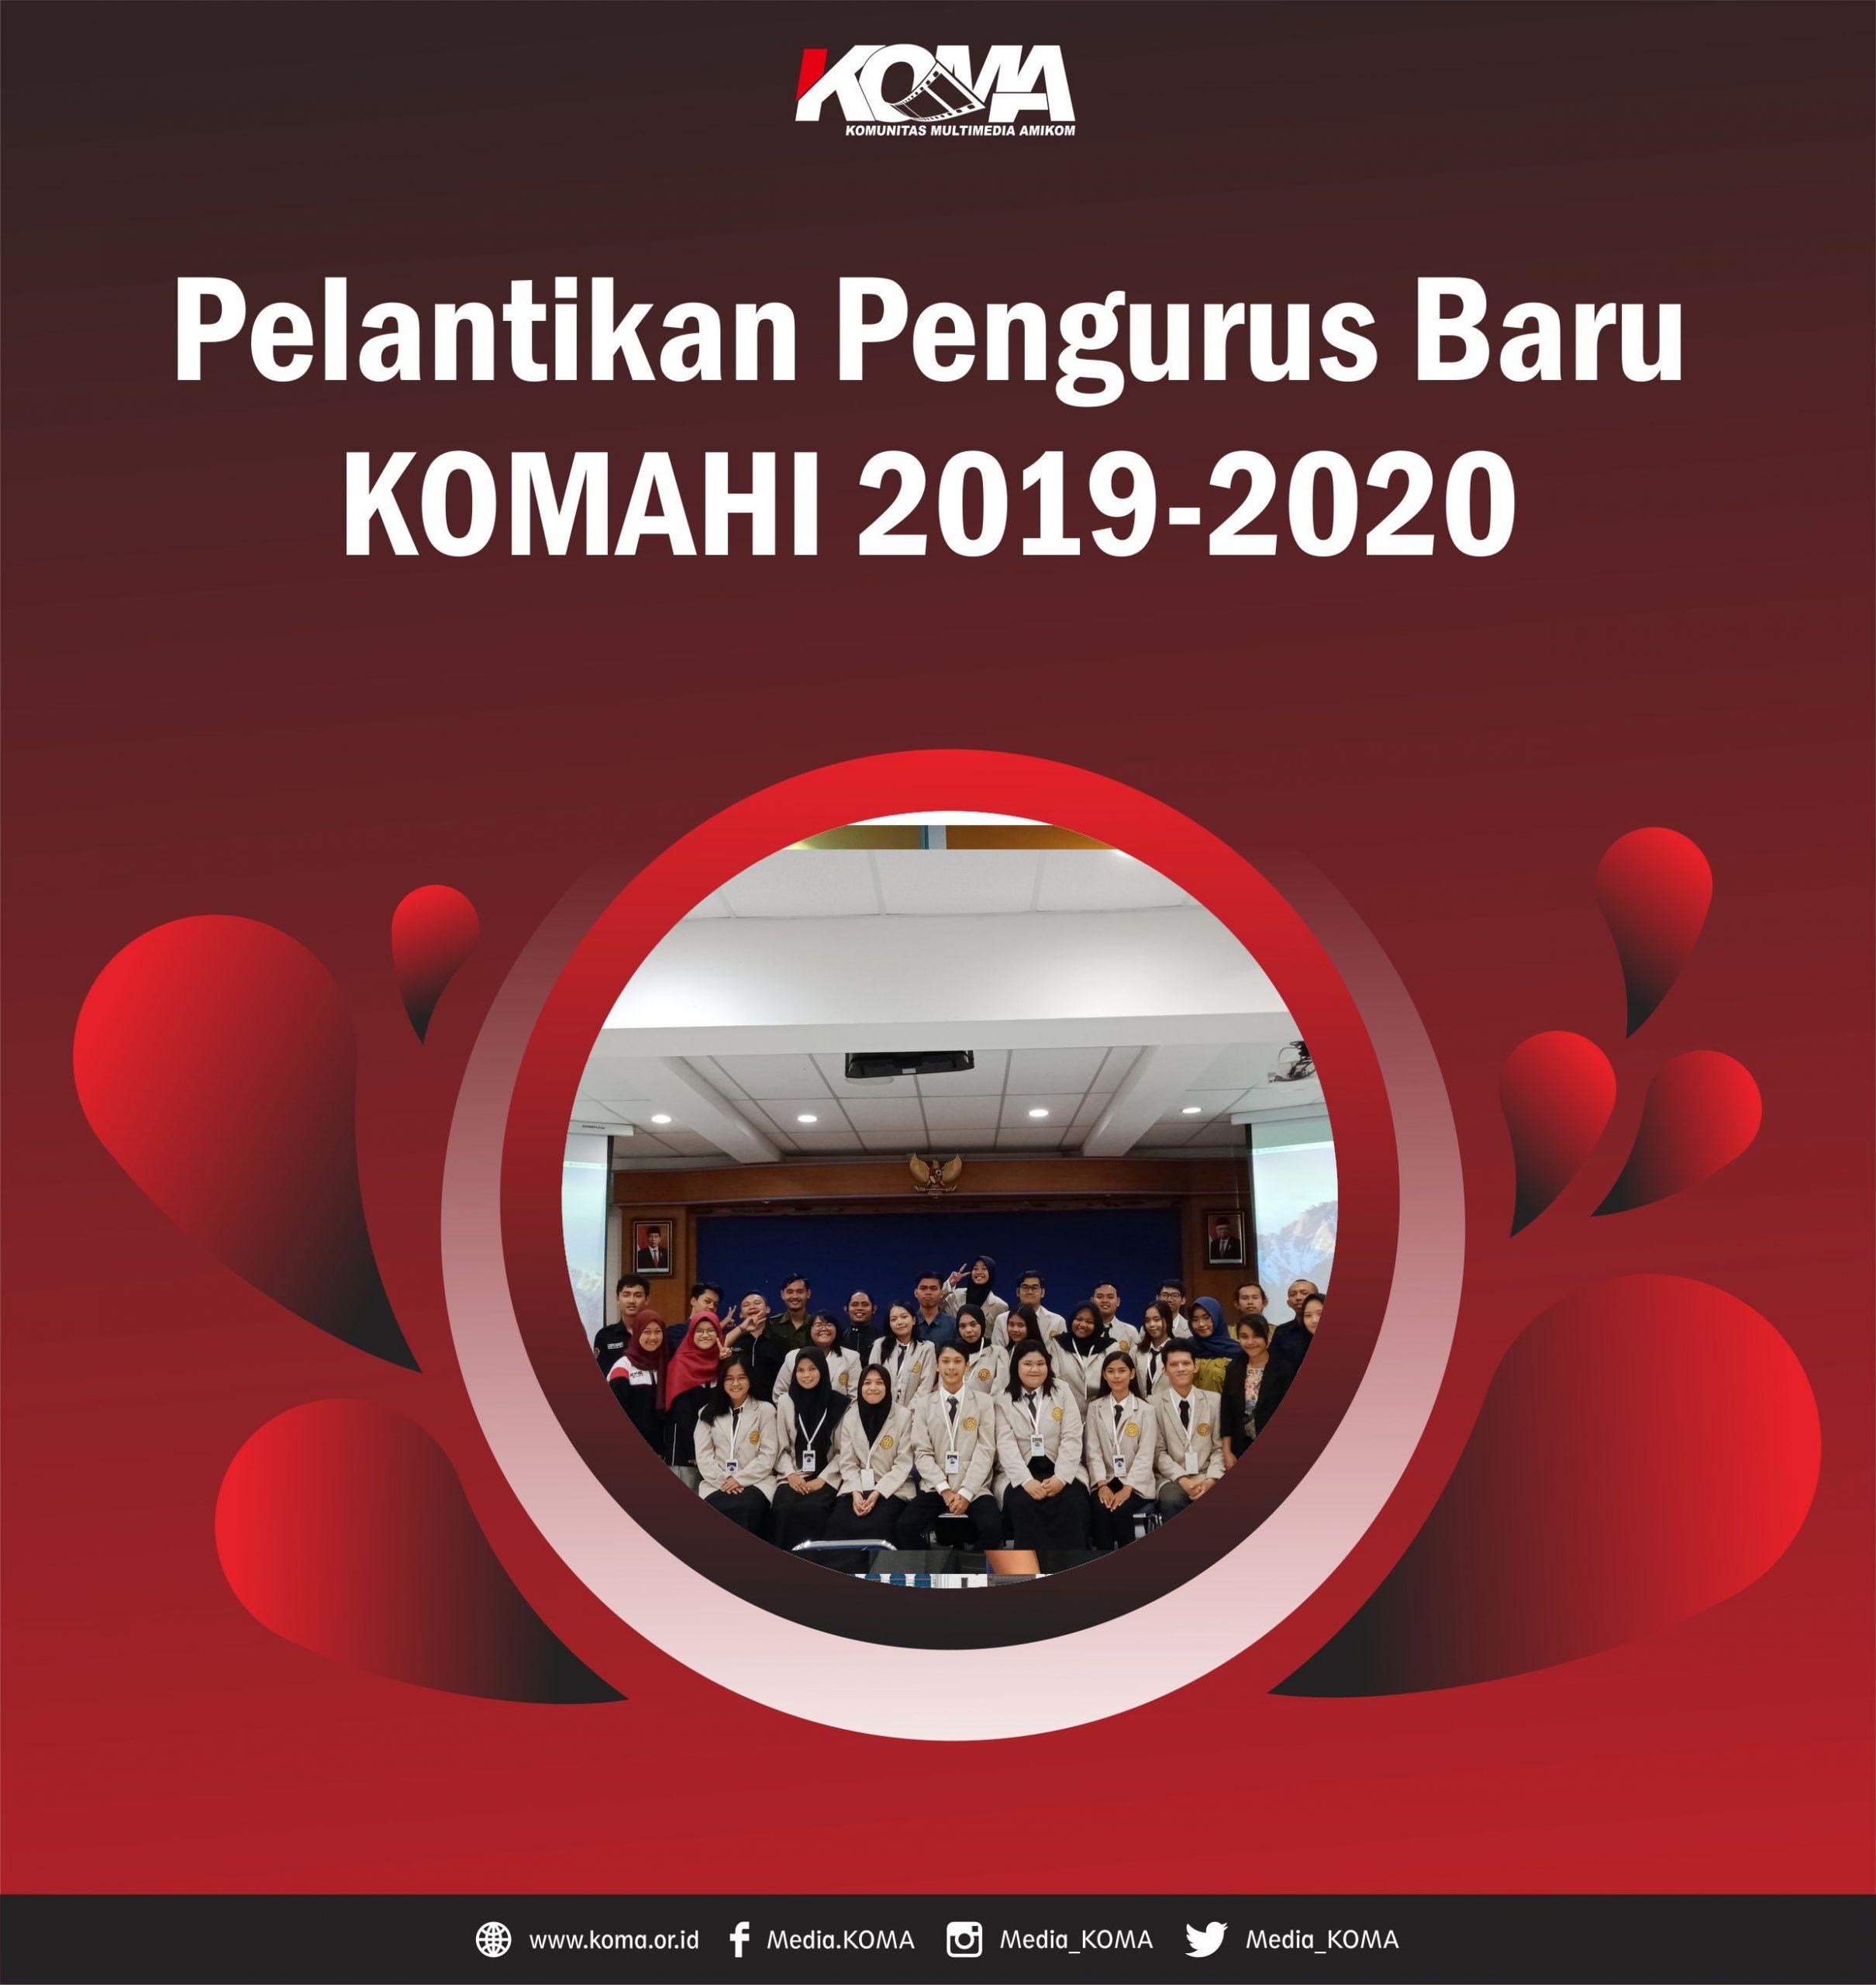 Pelantikan-Pengurus-Baru-KOMAHI-2019-2020